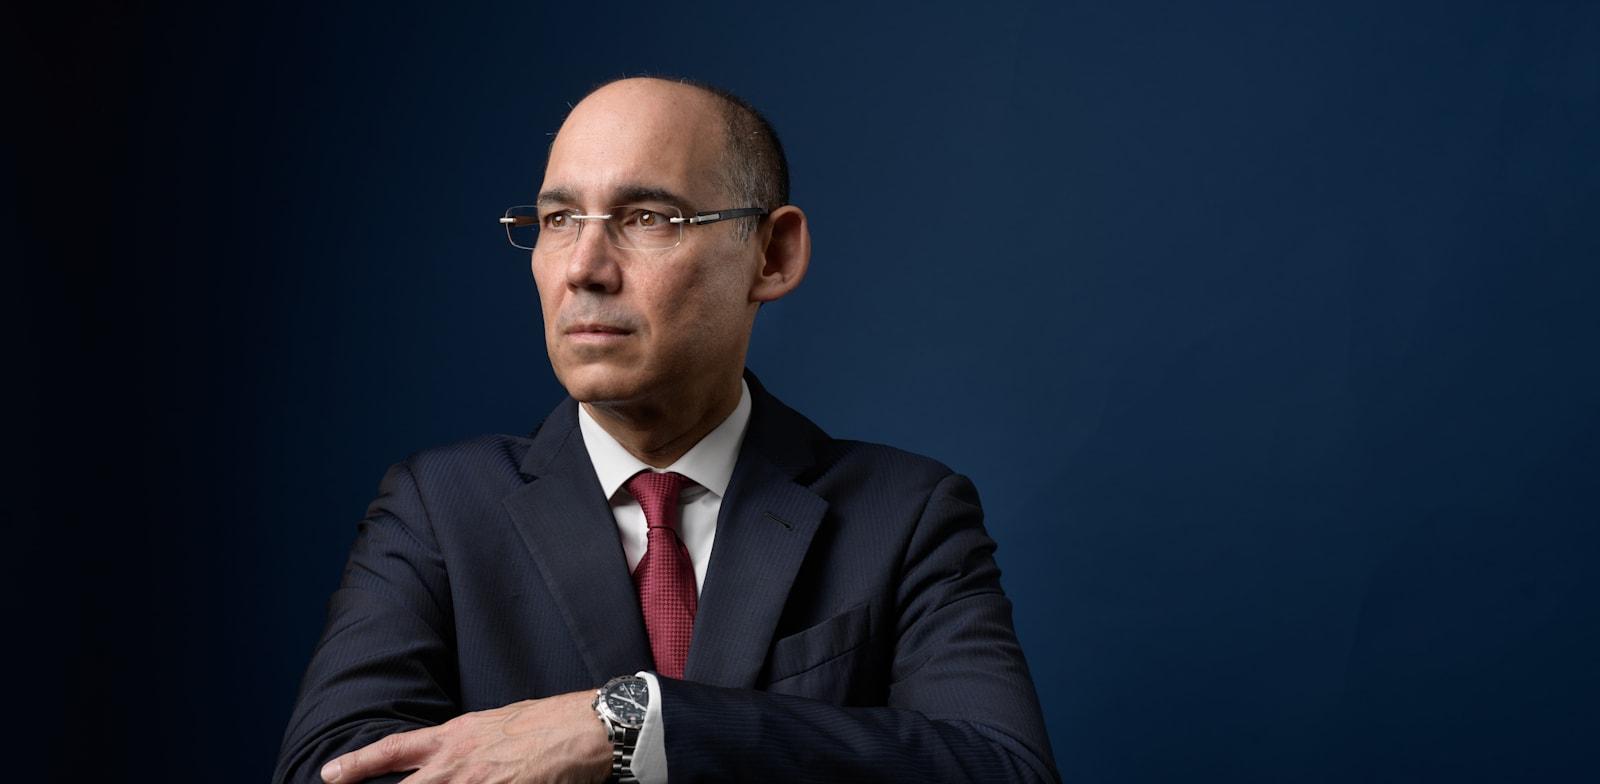 פרופ' אמיר ירון, נגיד בנק ישראל / צילום: יונתן בלום